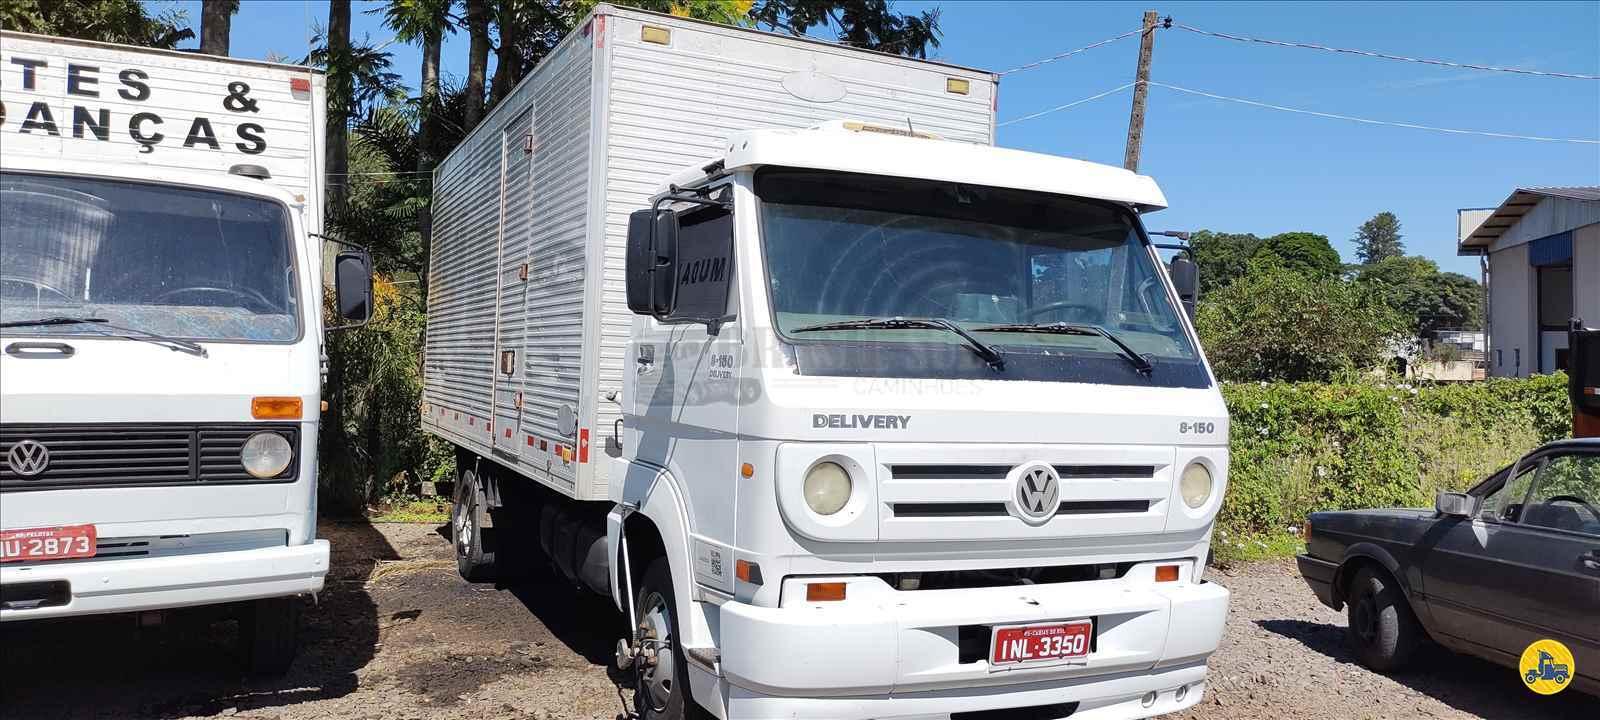 CAMINHAO VOLKSWAGEN VW 8150 Baú Furgão 3/4 4x2 Brasil Sul Caminhões PORTAO RIO GRANDE DO SUL RS